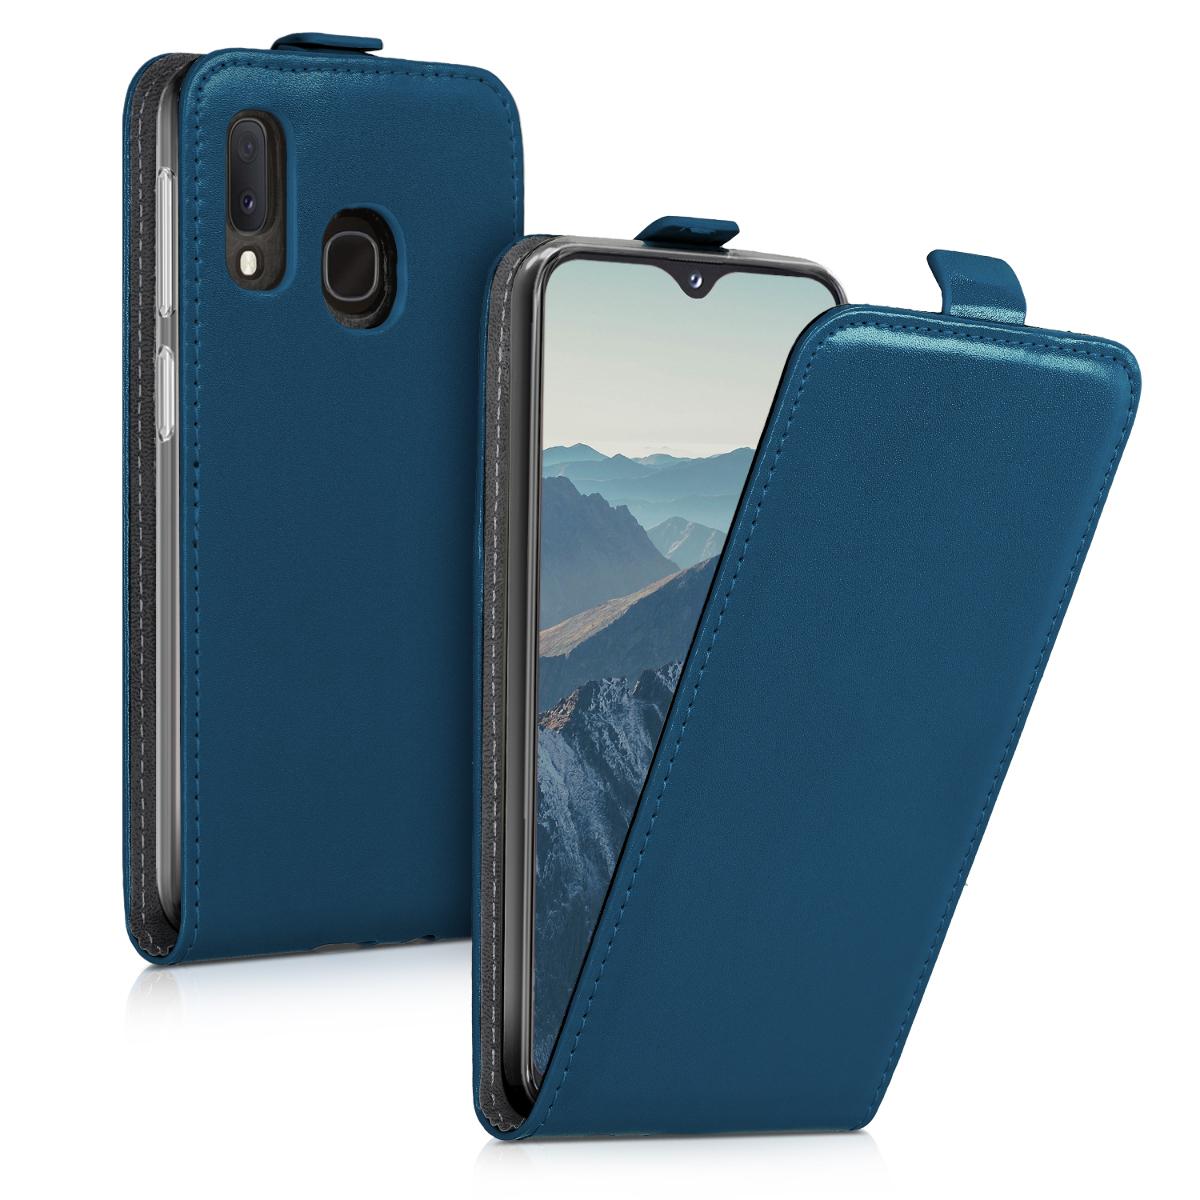 KW Flip Θήκη Samsung Galaxy A20e - Dark Blue (48752.17)